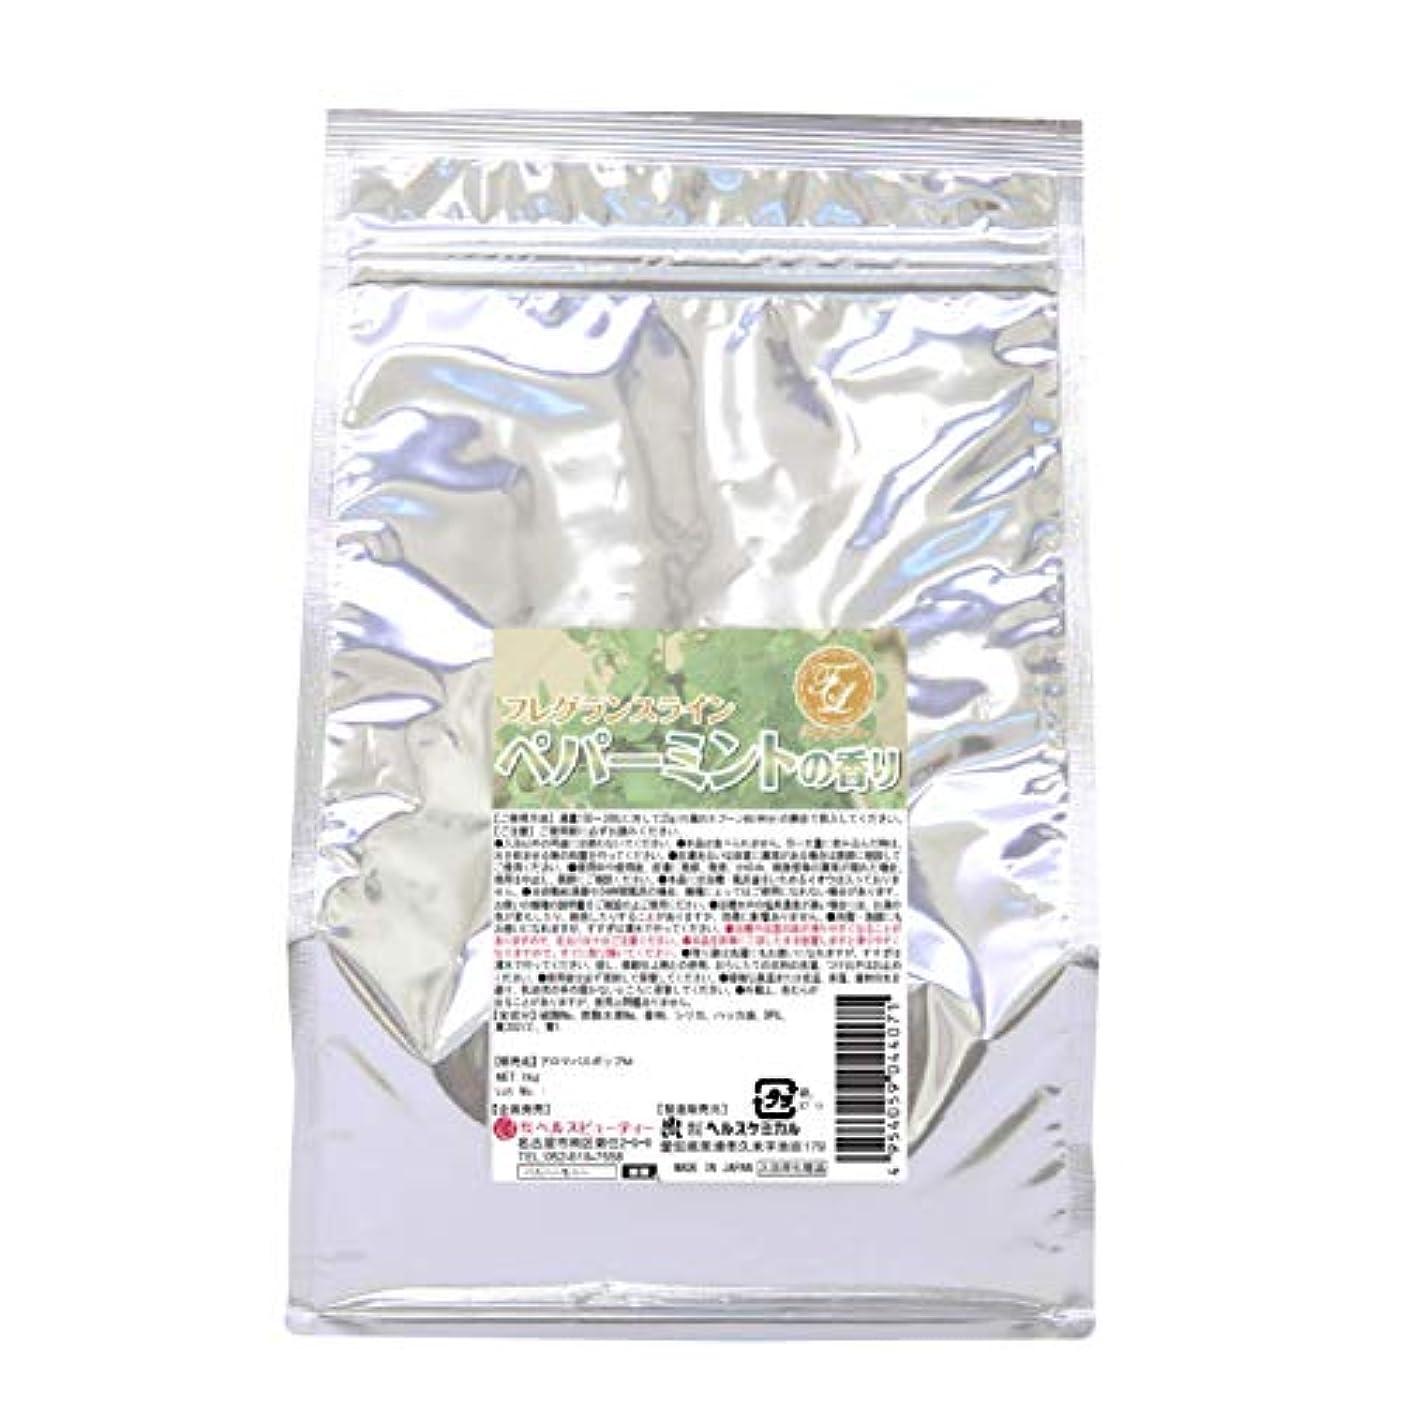 予想する義務づけるタイプ入浴剤 湯匠仕込 ペパーミントの香り 1kg 50回分 お徳用